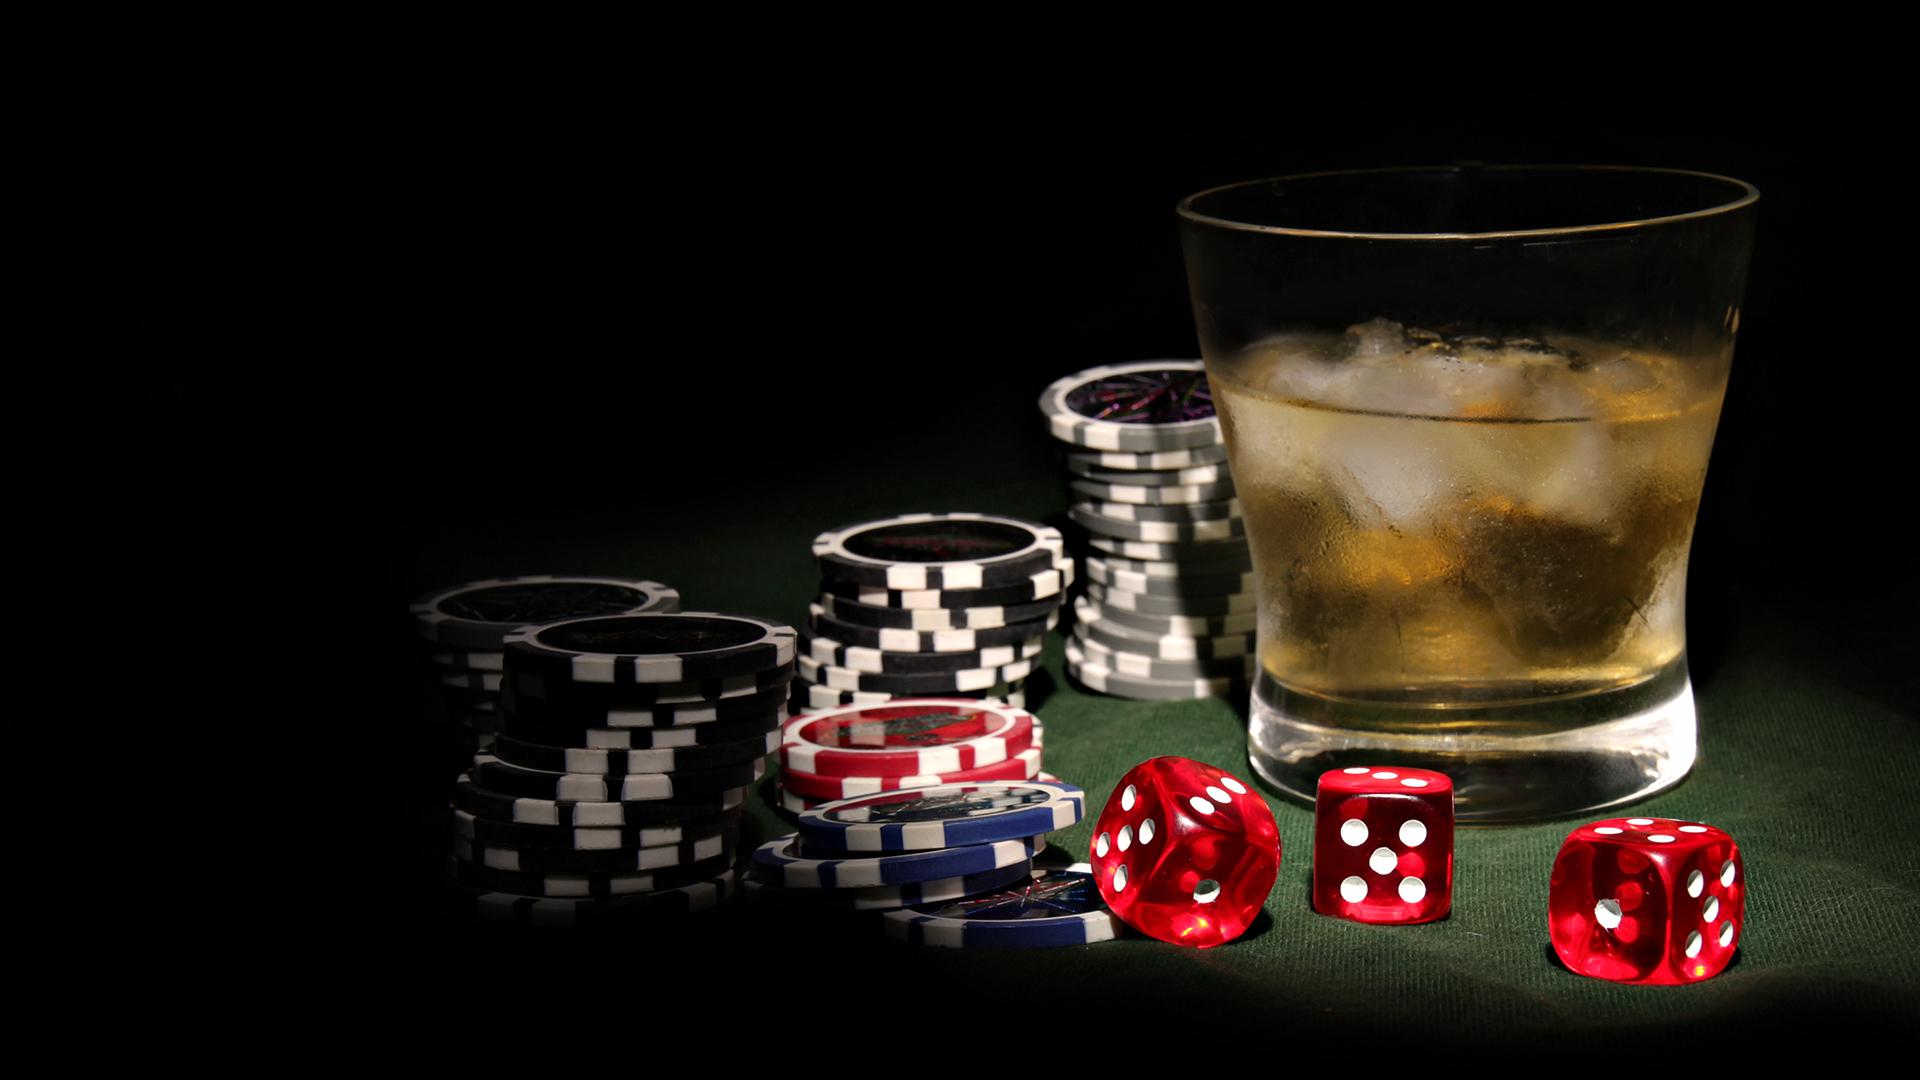 Покер обои для рабочего стола 1920х1080 высокого качества